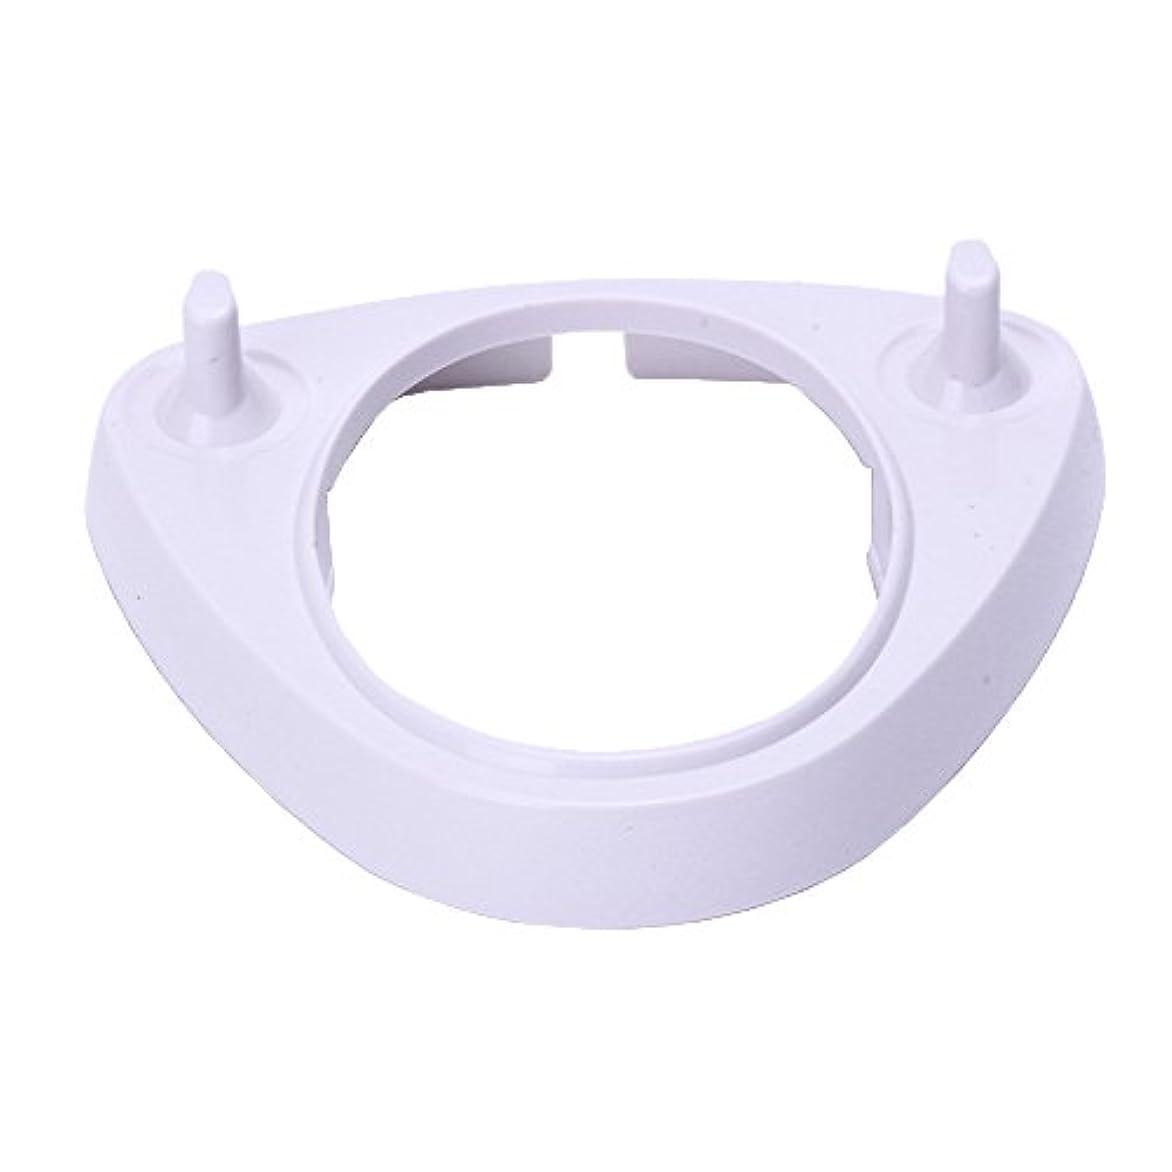 白いハードプラスチックスタンド for ブラウンオーラルB電動歯ブラシ充電器 by Kadior